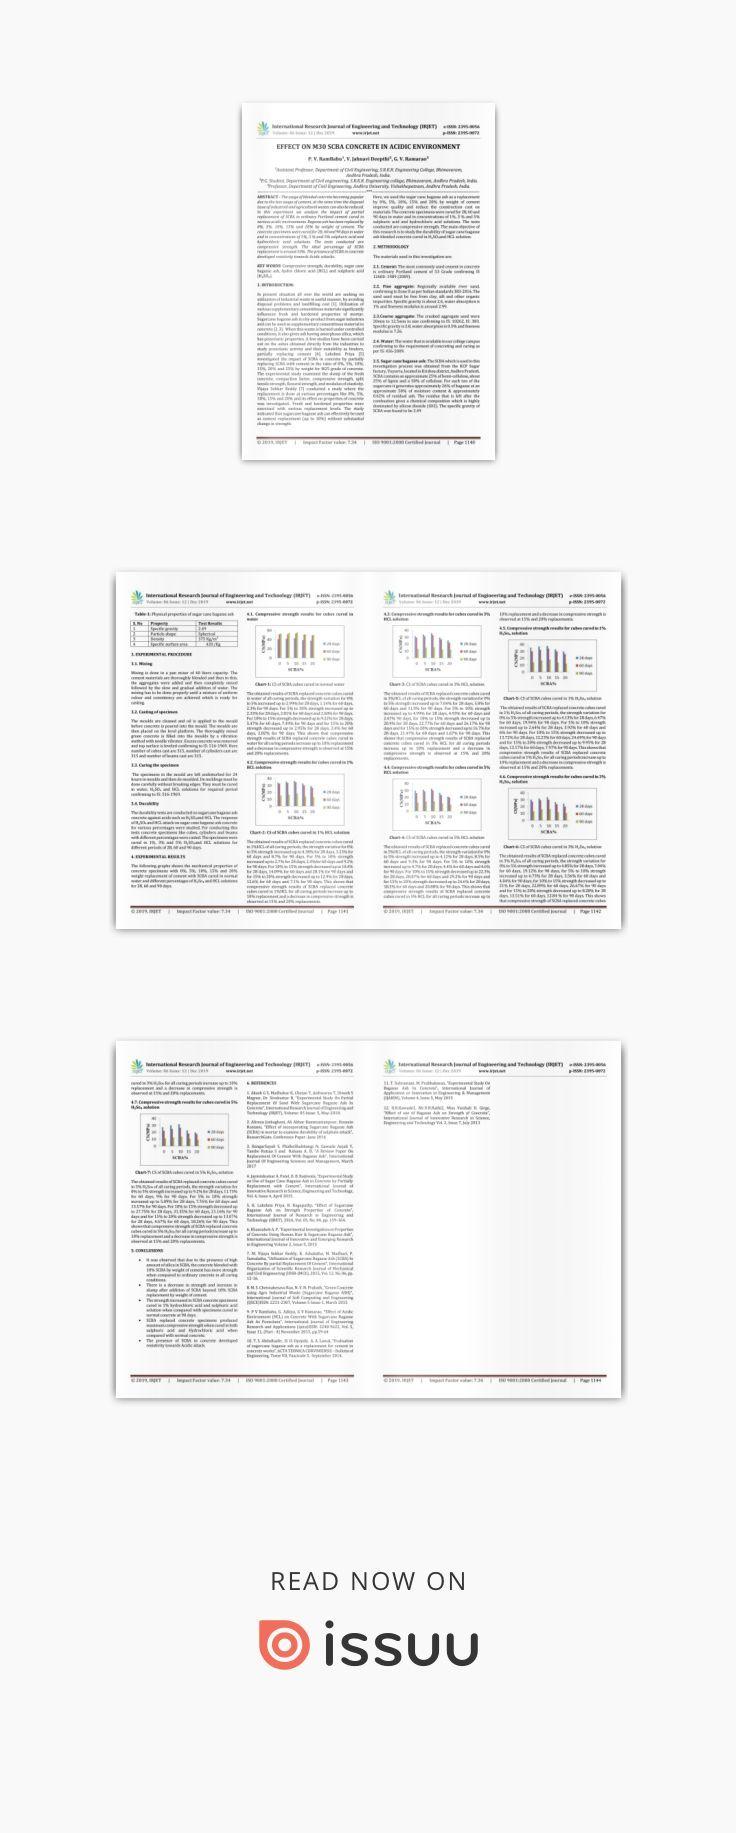 IRJET Effect on M30 SCBA Concrete in Acidic Environment